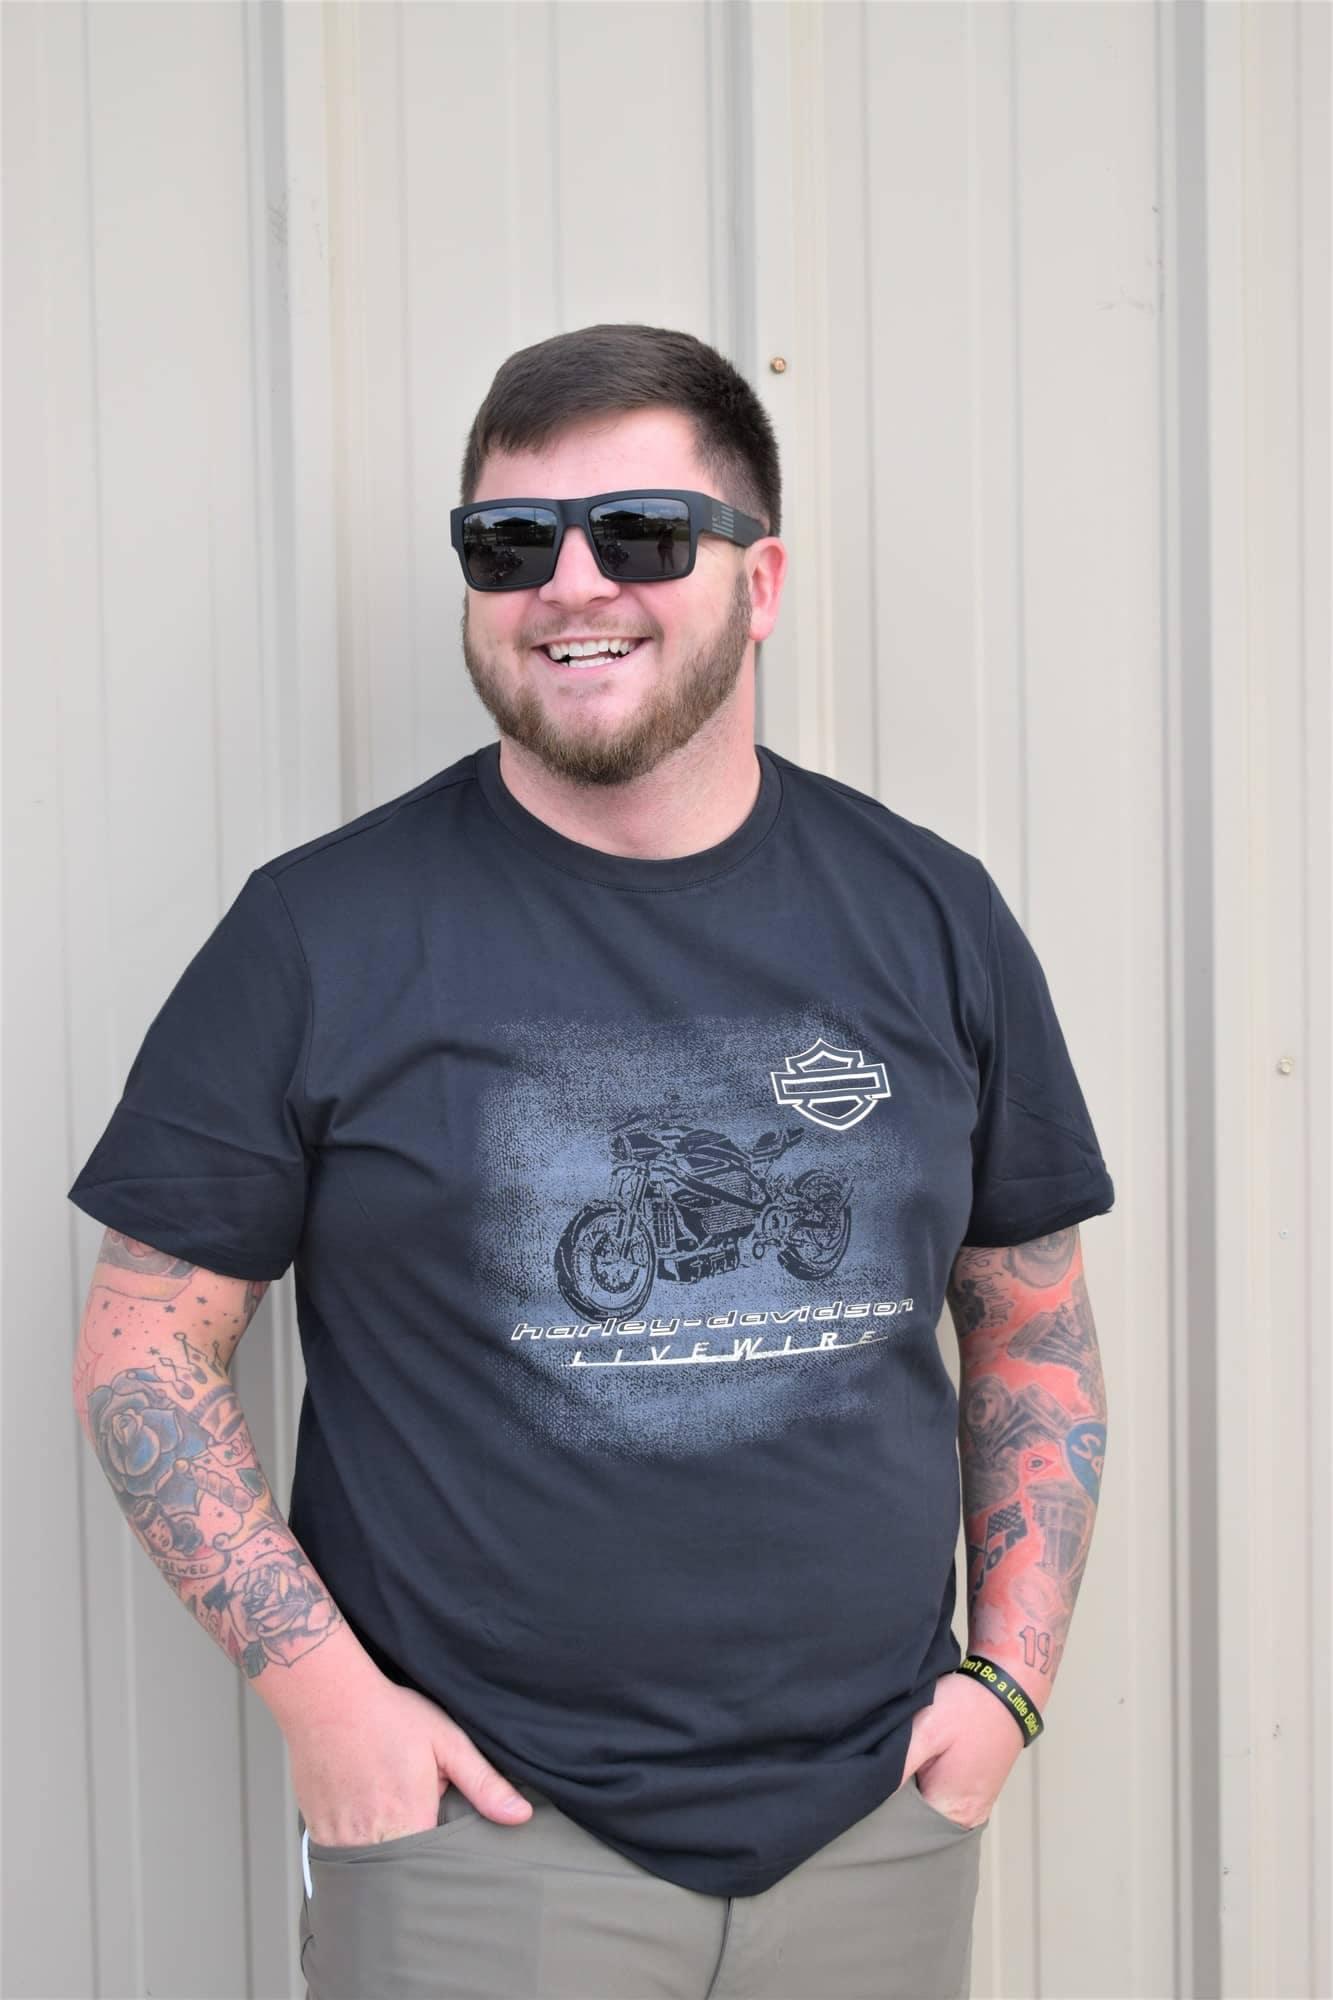 guy wearing black harley-davidson shirt